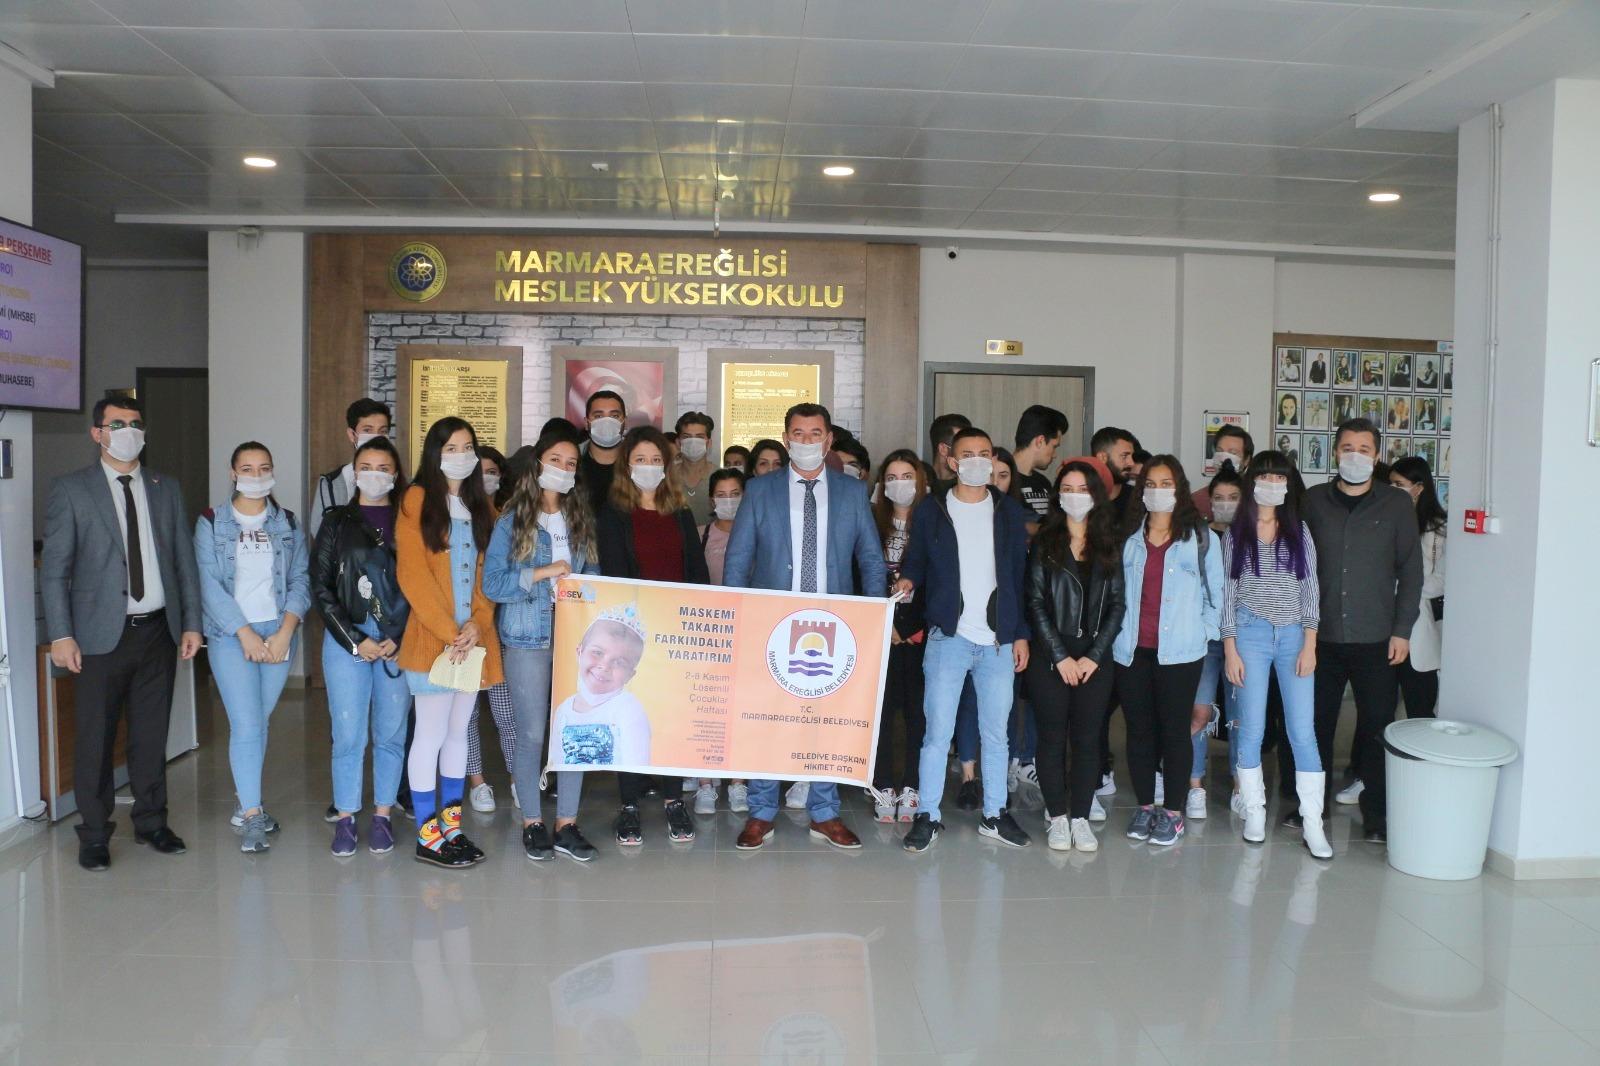 Marmaraereğlisi Belediyesi'nden Lösemi ile ilgili anlamlı etkinlik